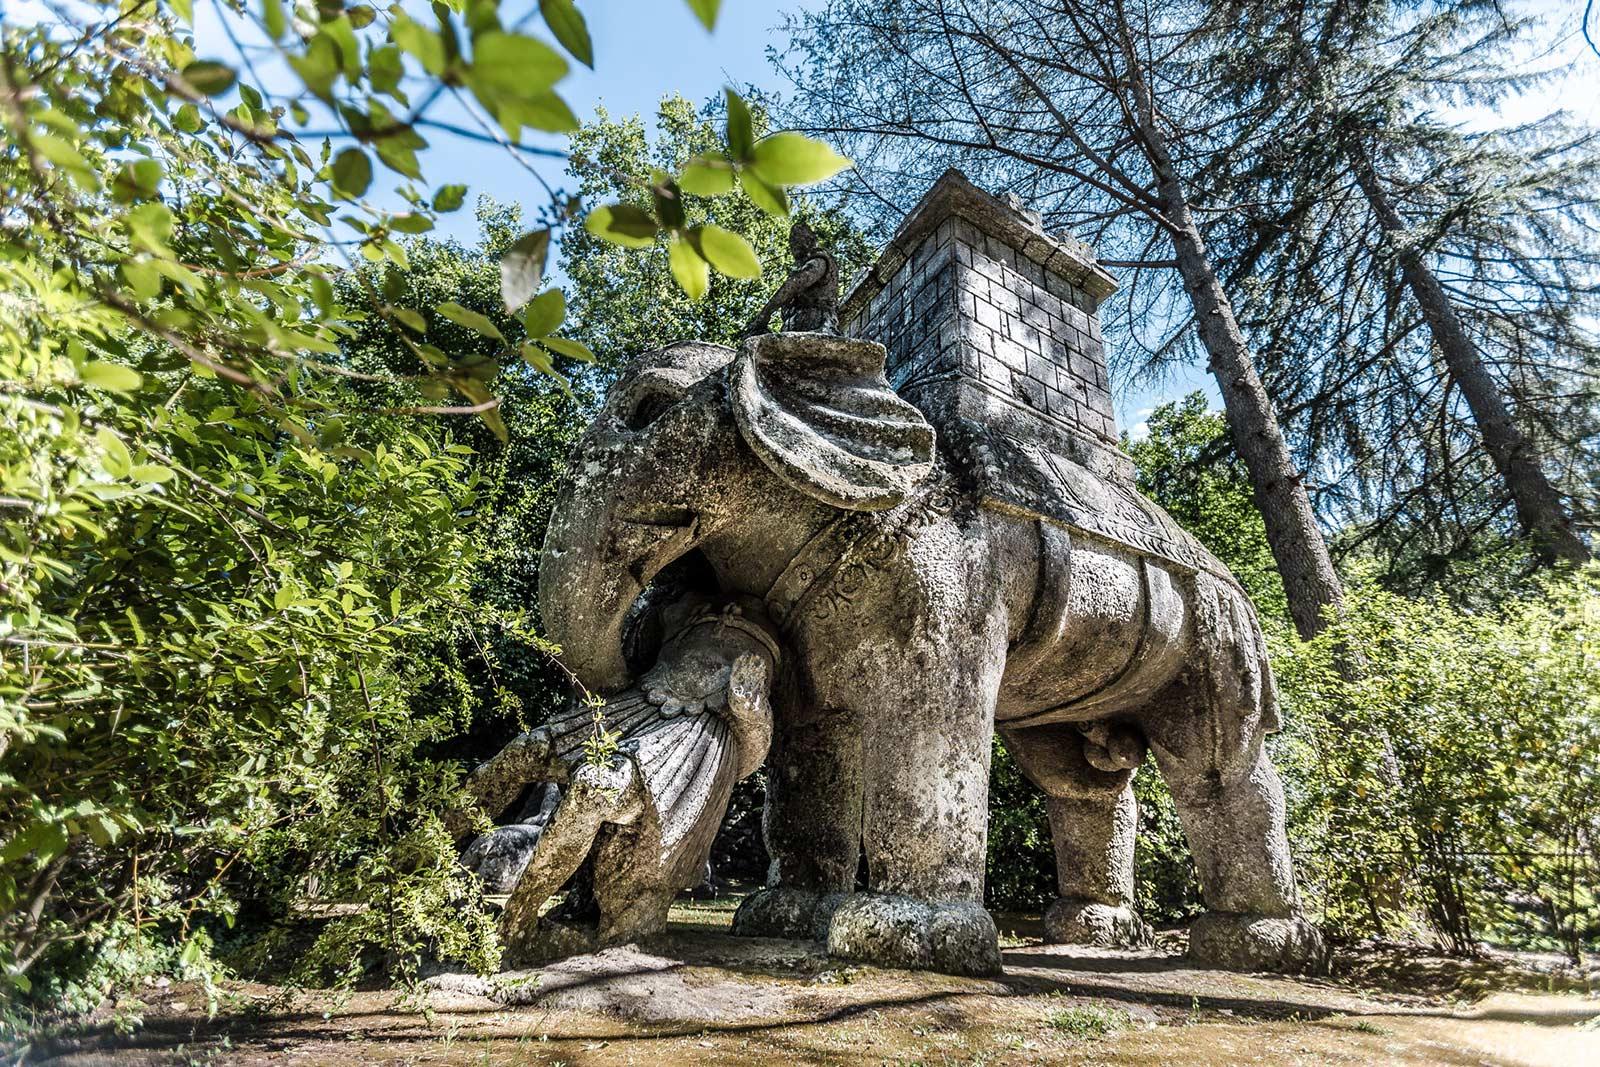 Ελέφαντας γλυπτική στο Parco dei mostri στην Ιταλία